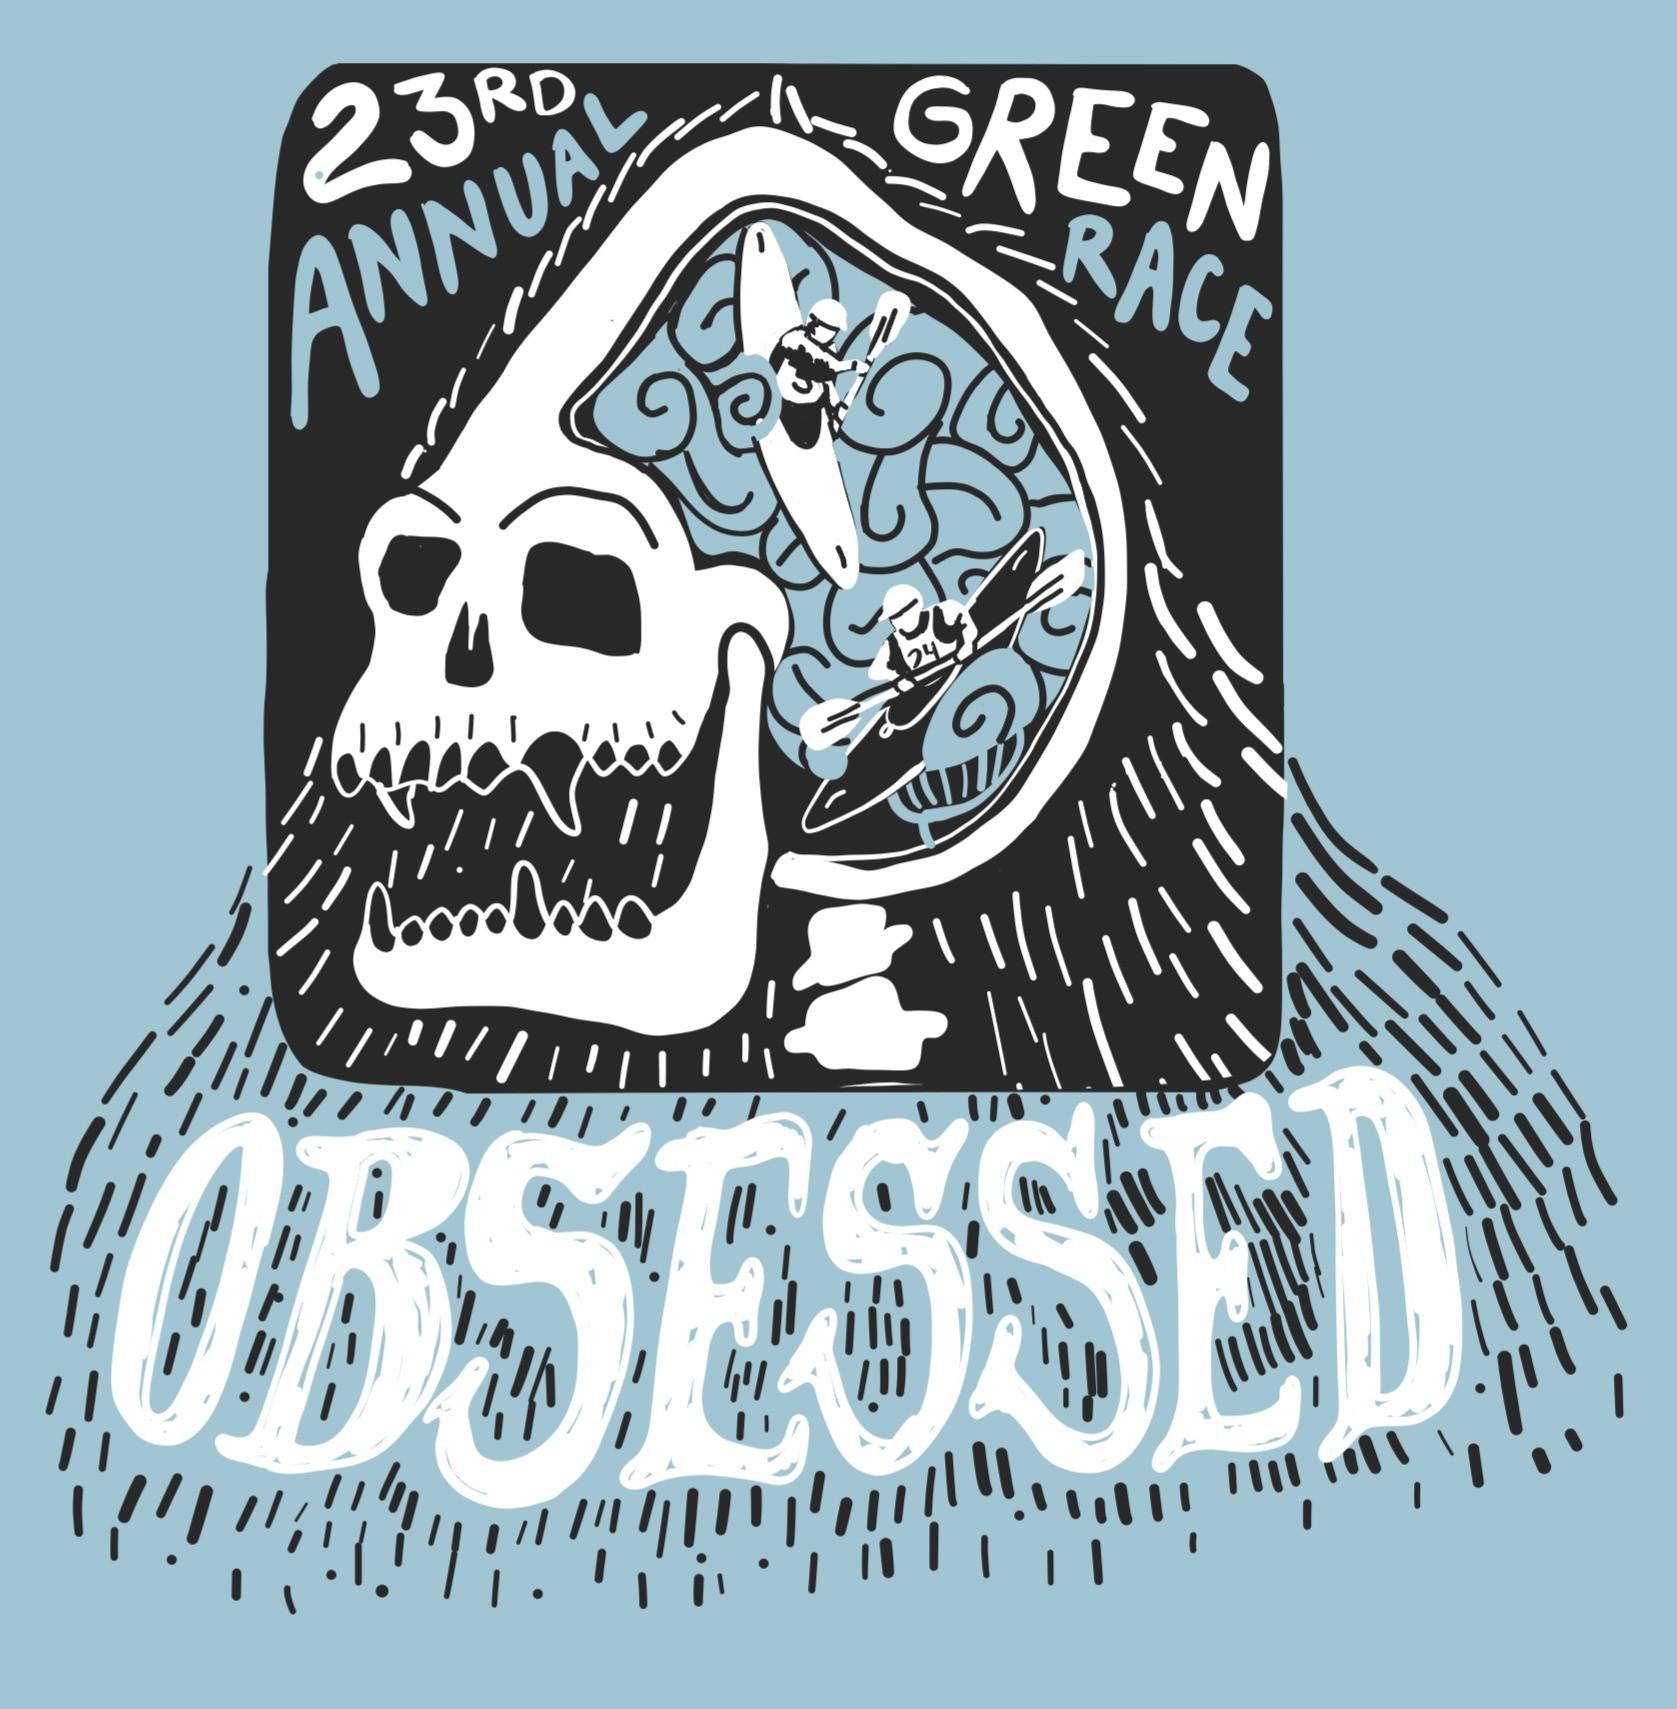 2018 Green Race T shirt design sketch